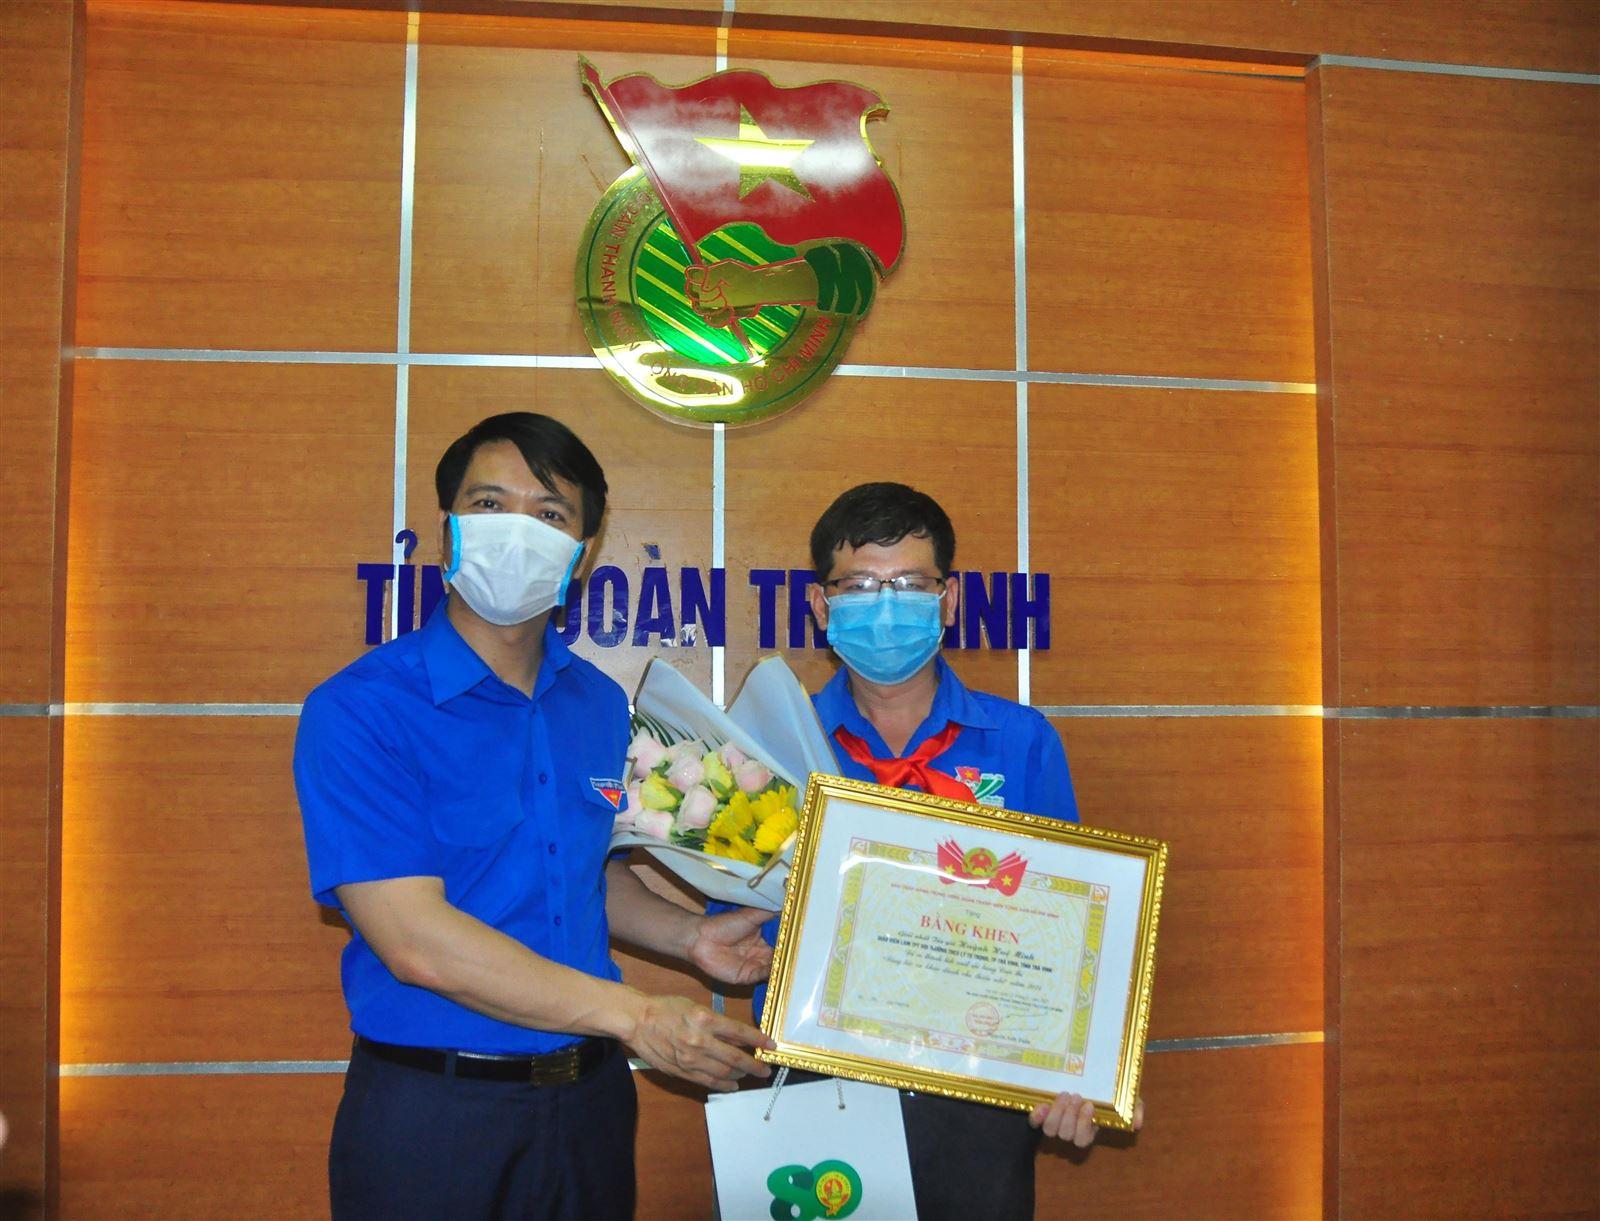 Thầy giáo ở Trà Vinh đoạt giải nhất thi sáng tác ca khúc dành cho thiếu nhi